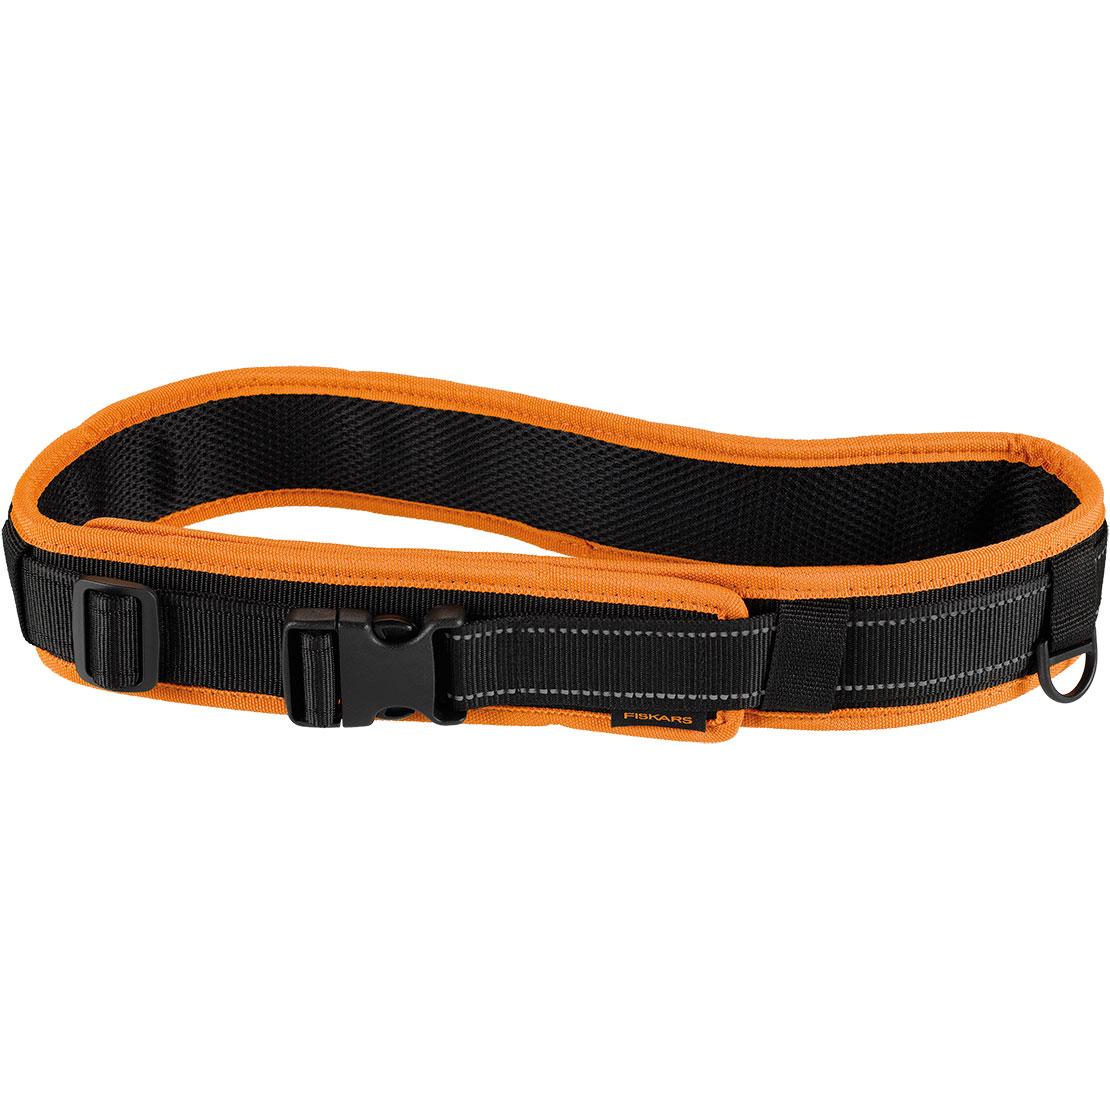 1003626-Fiskars-WoodXpert-Tool-Belt-TB1.jpg